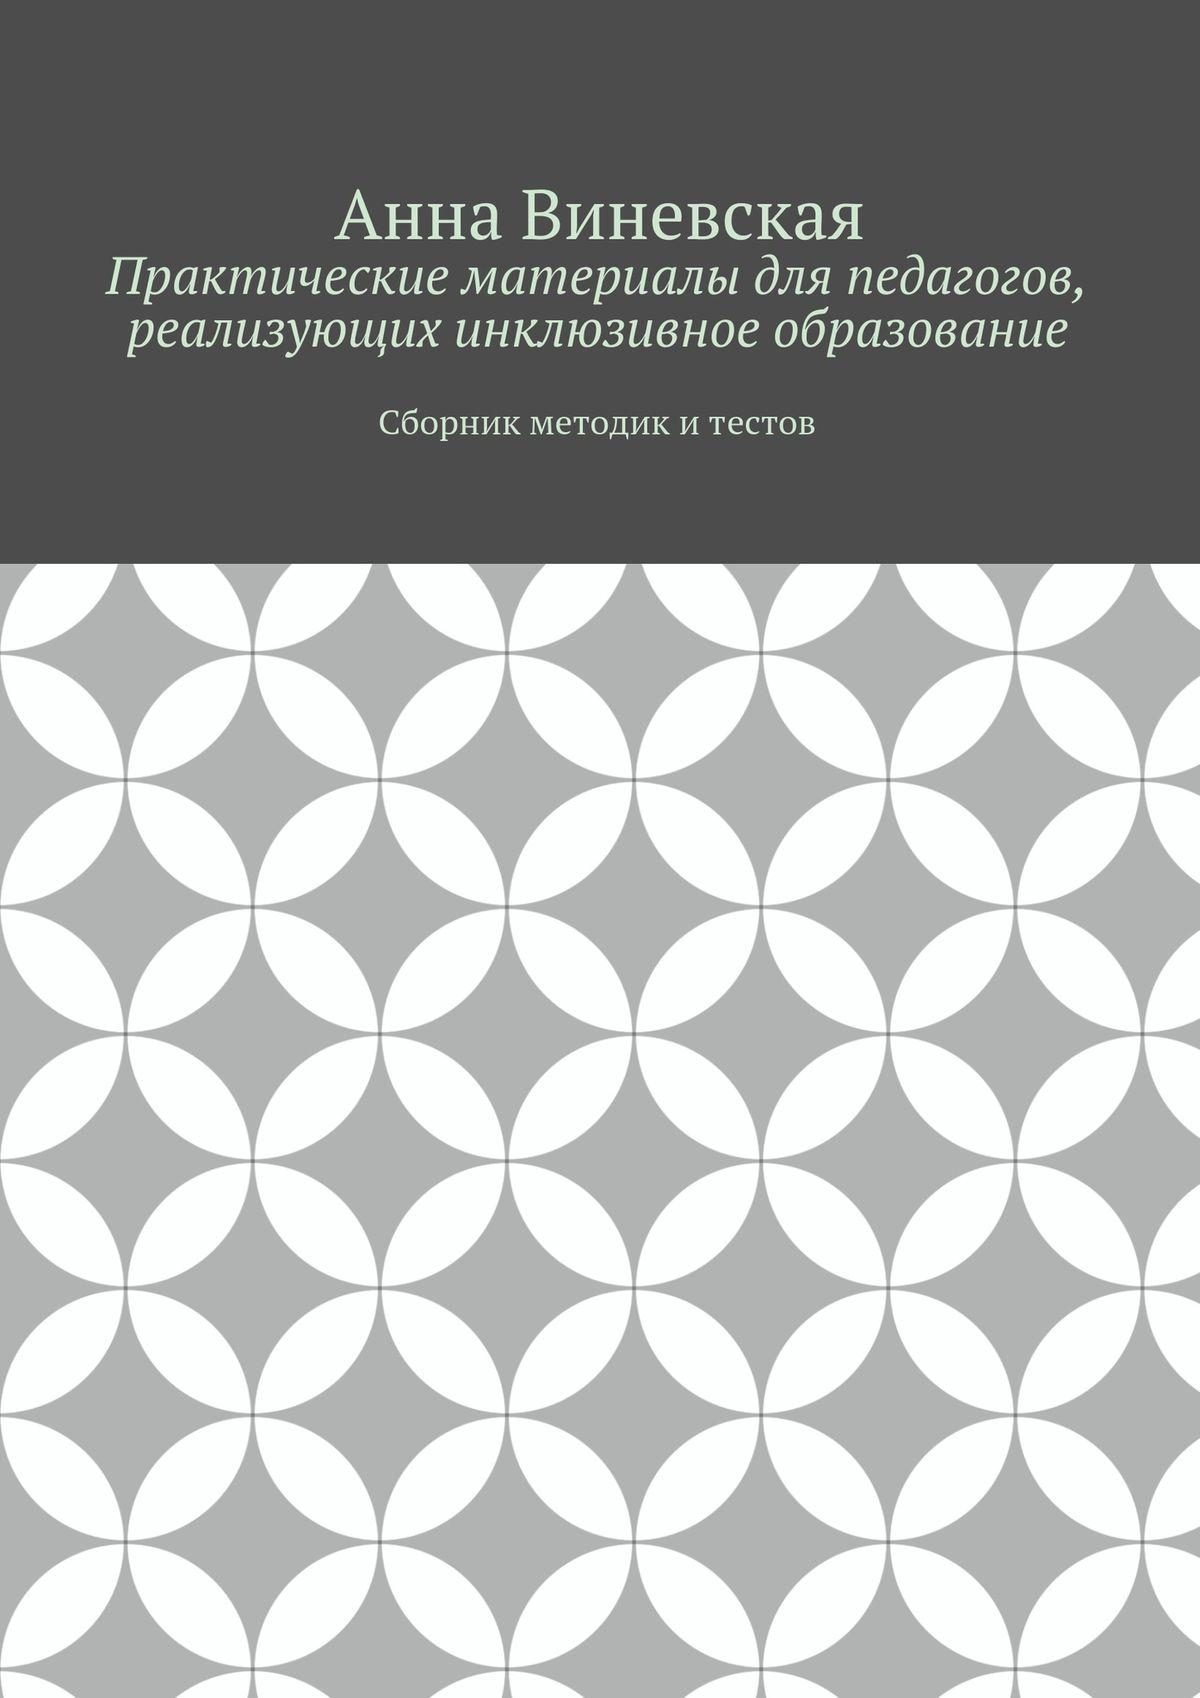 Анна Виневская Практические материалы для педагогов, реализующих инклюзивное образование